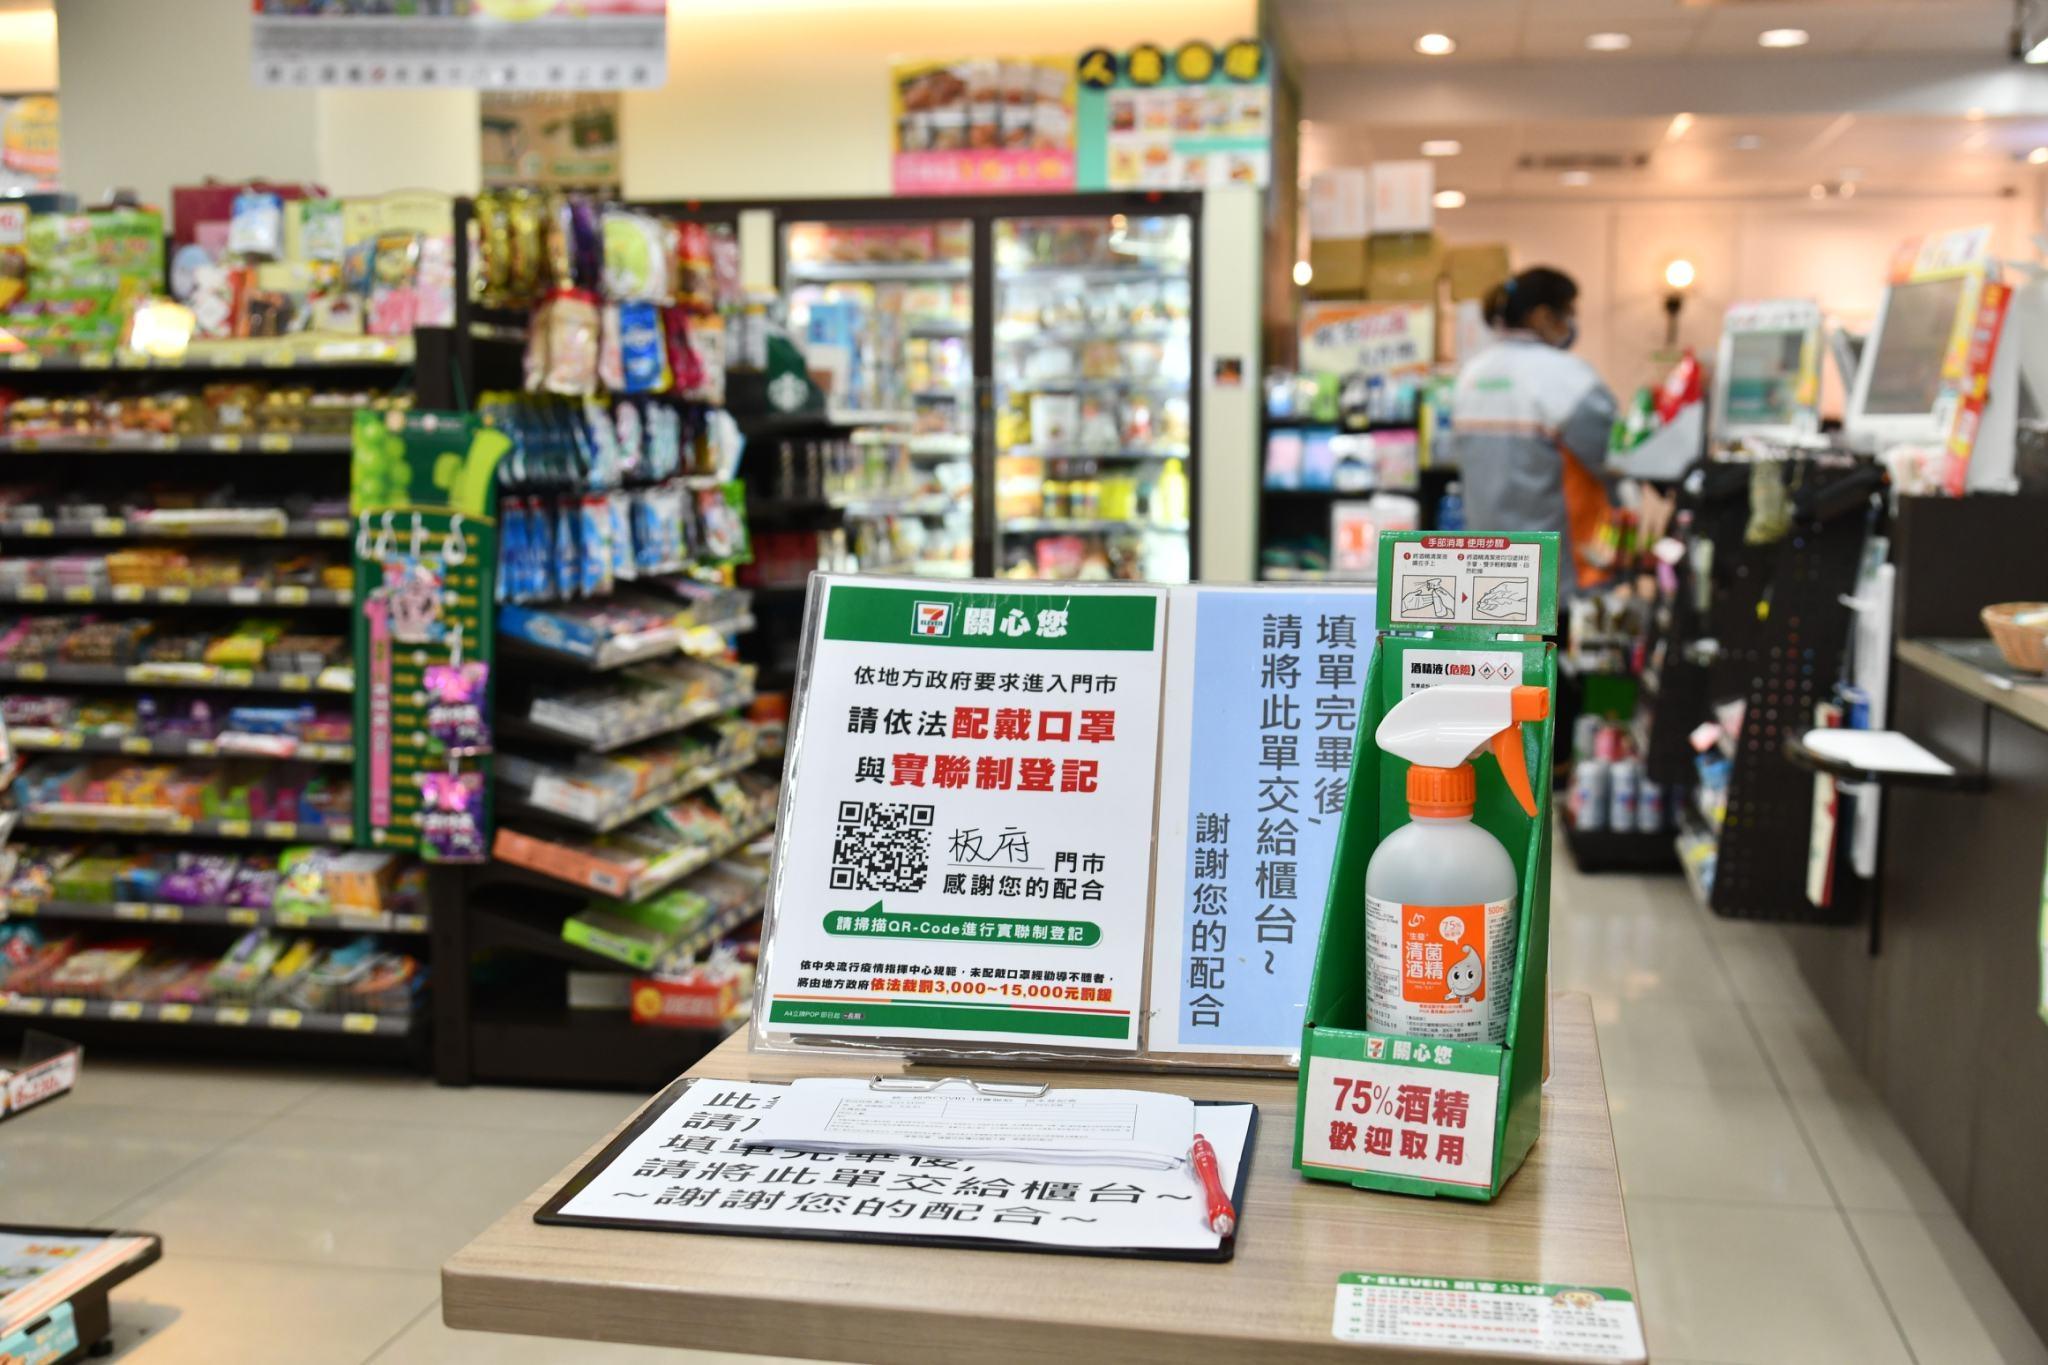 進入超商、賣場或百貨公司等營業場所的區域內,皆需實施實聯制,請所有民眾配合市府的防疫措施。